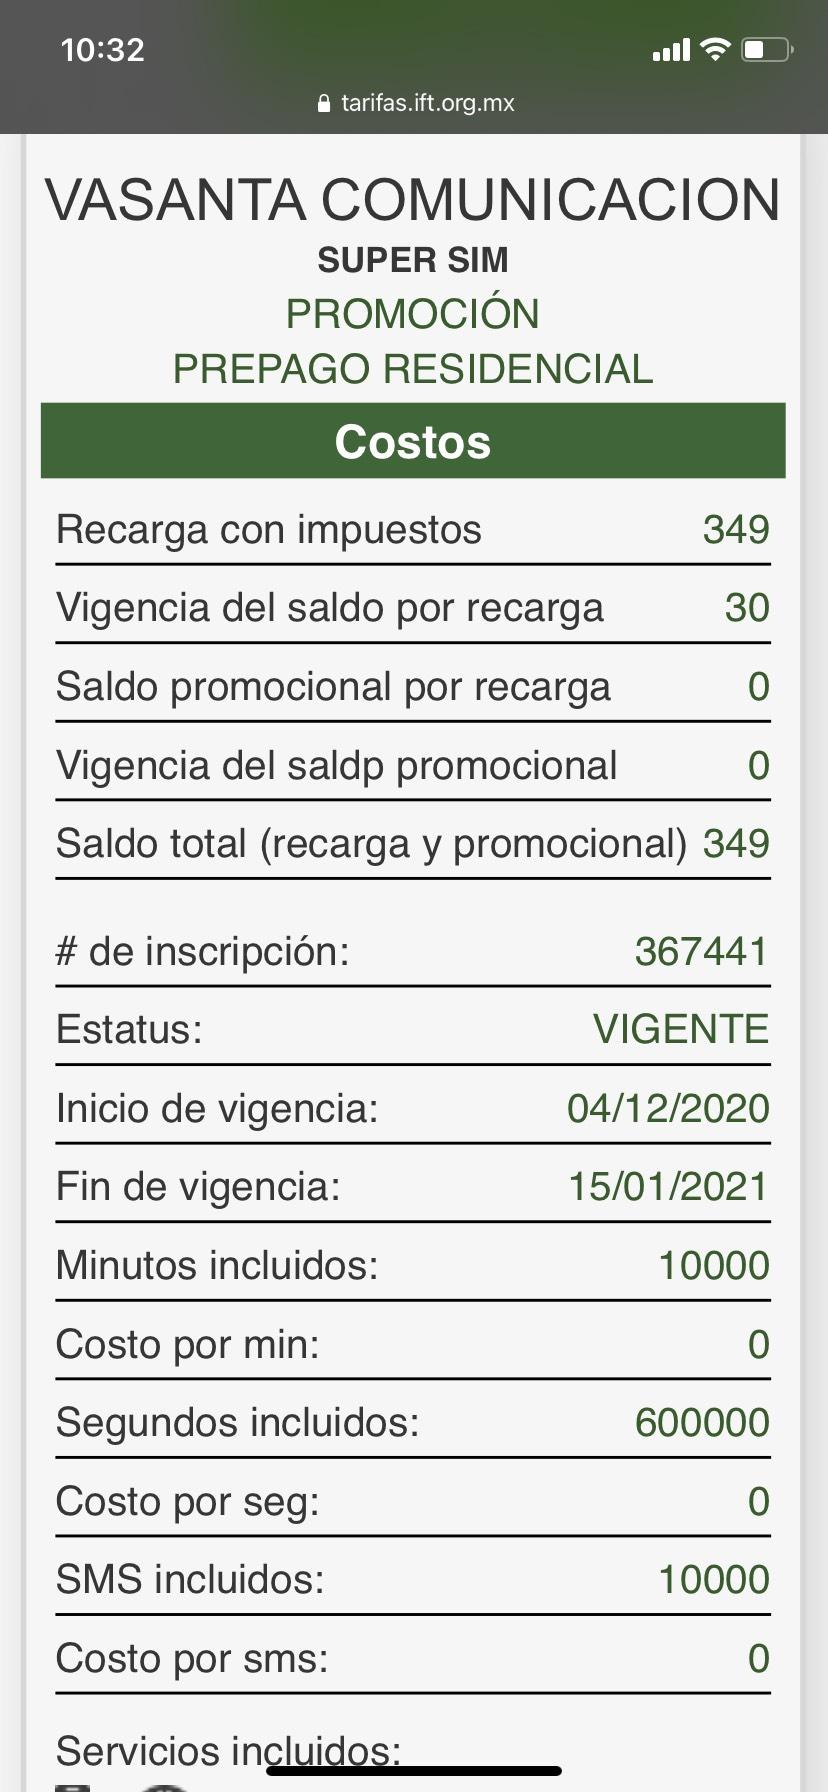 Vasanta: 50gb para navegar más 50gb de uso justo / usuarios nuevos x